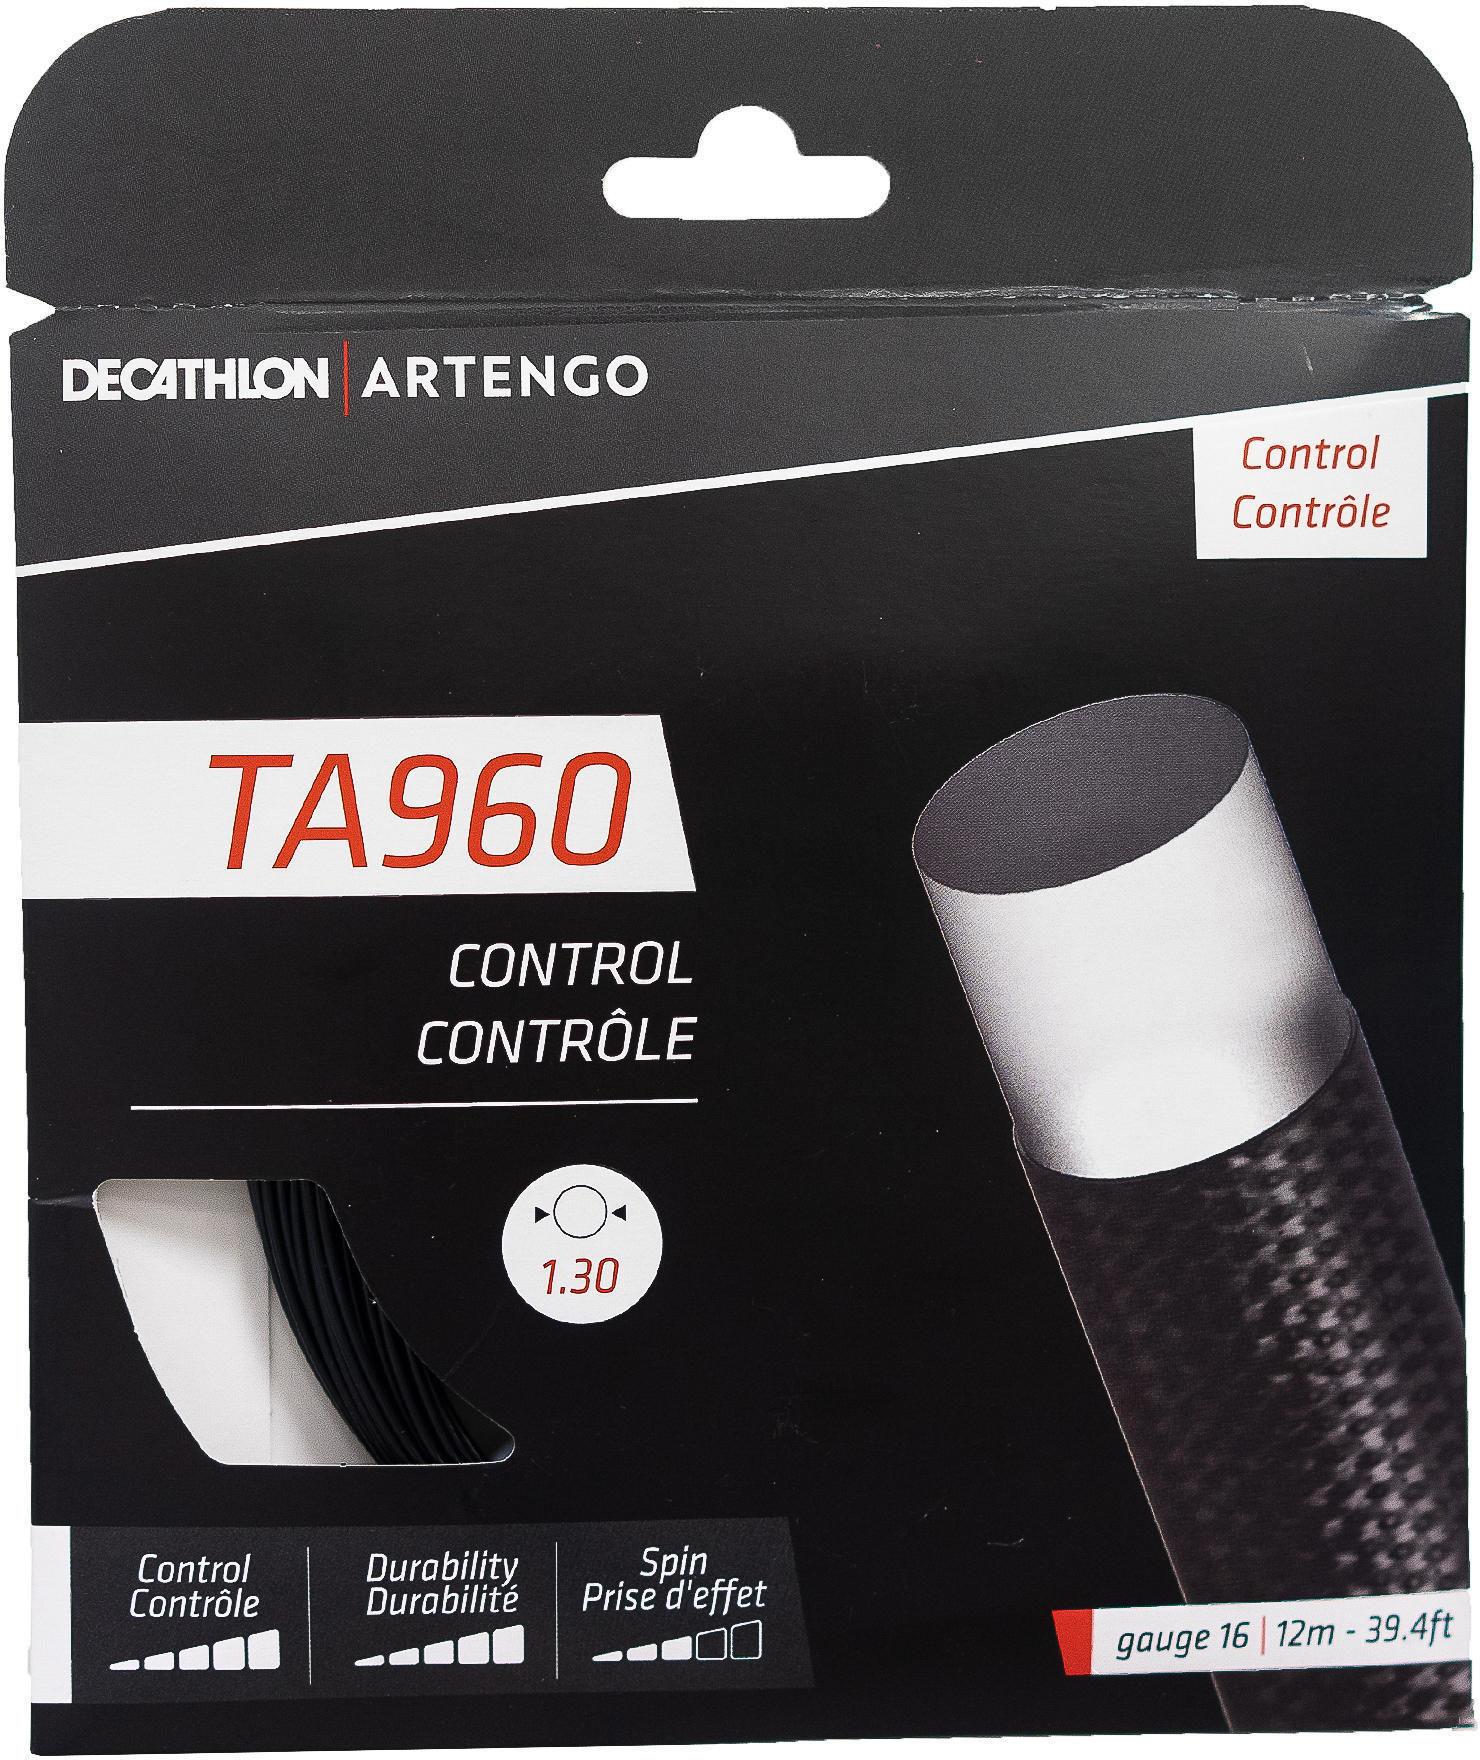 Naciąg tenisowy jednordzeniowy TA 960 Control struna 1,3 mm